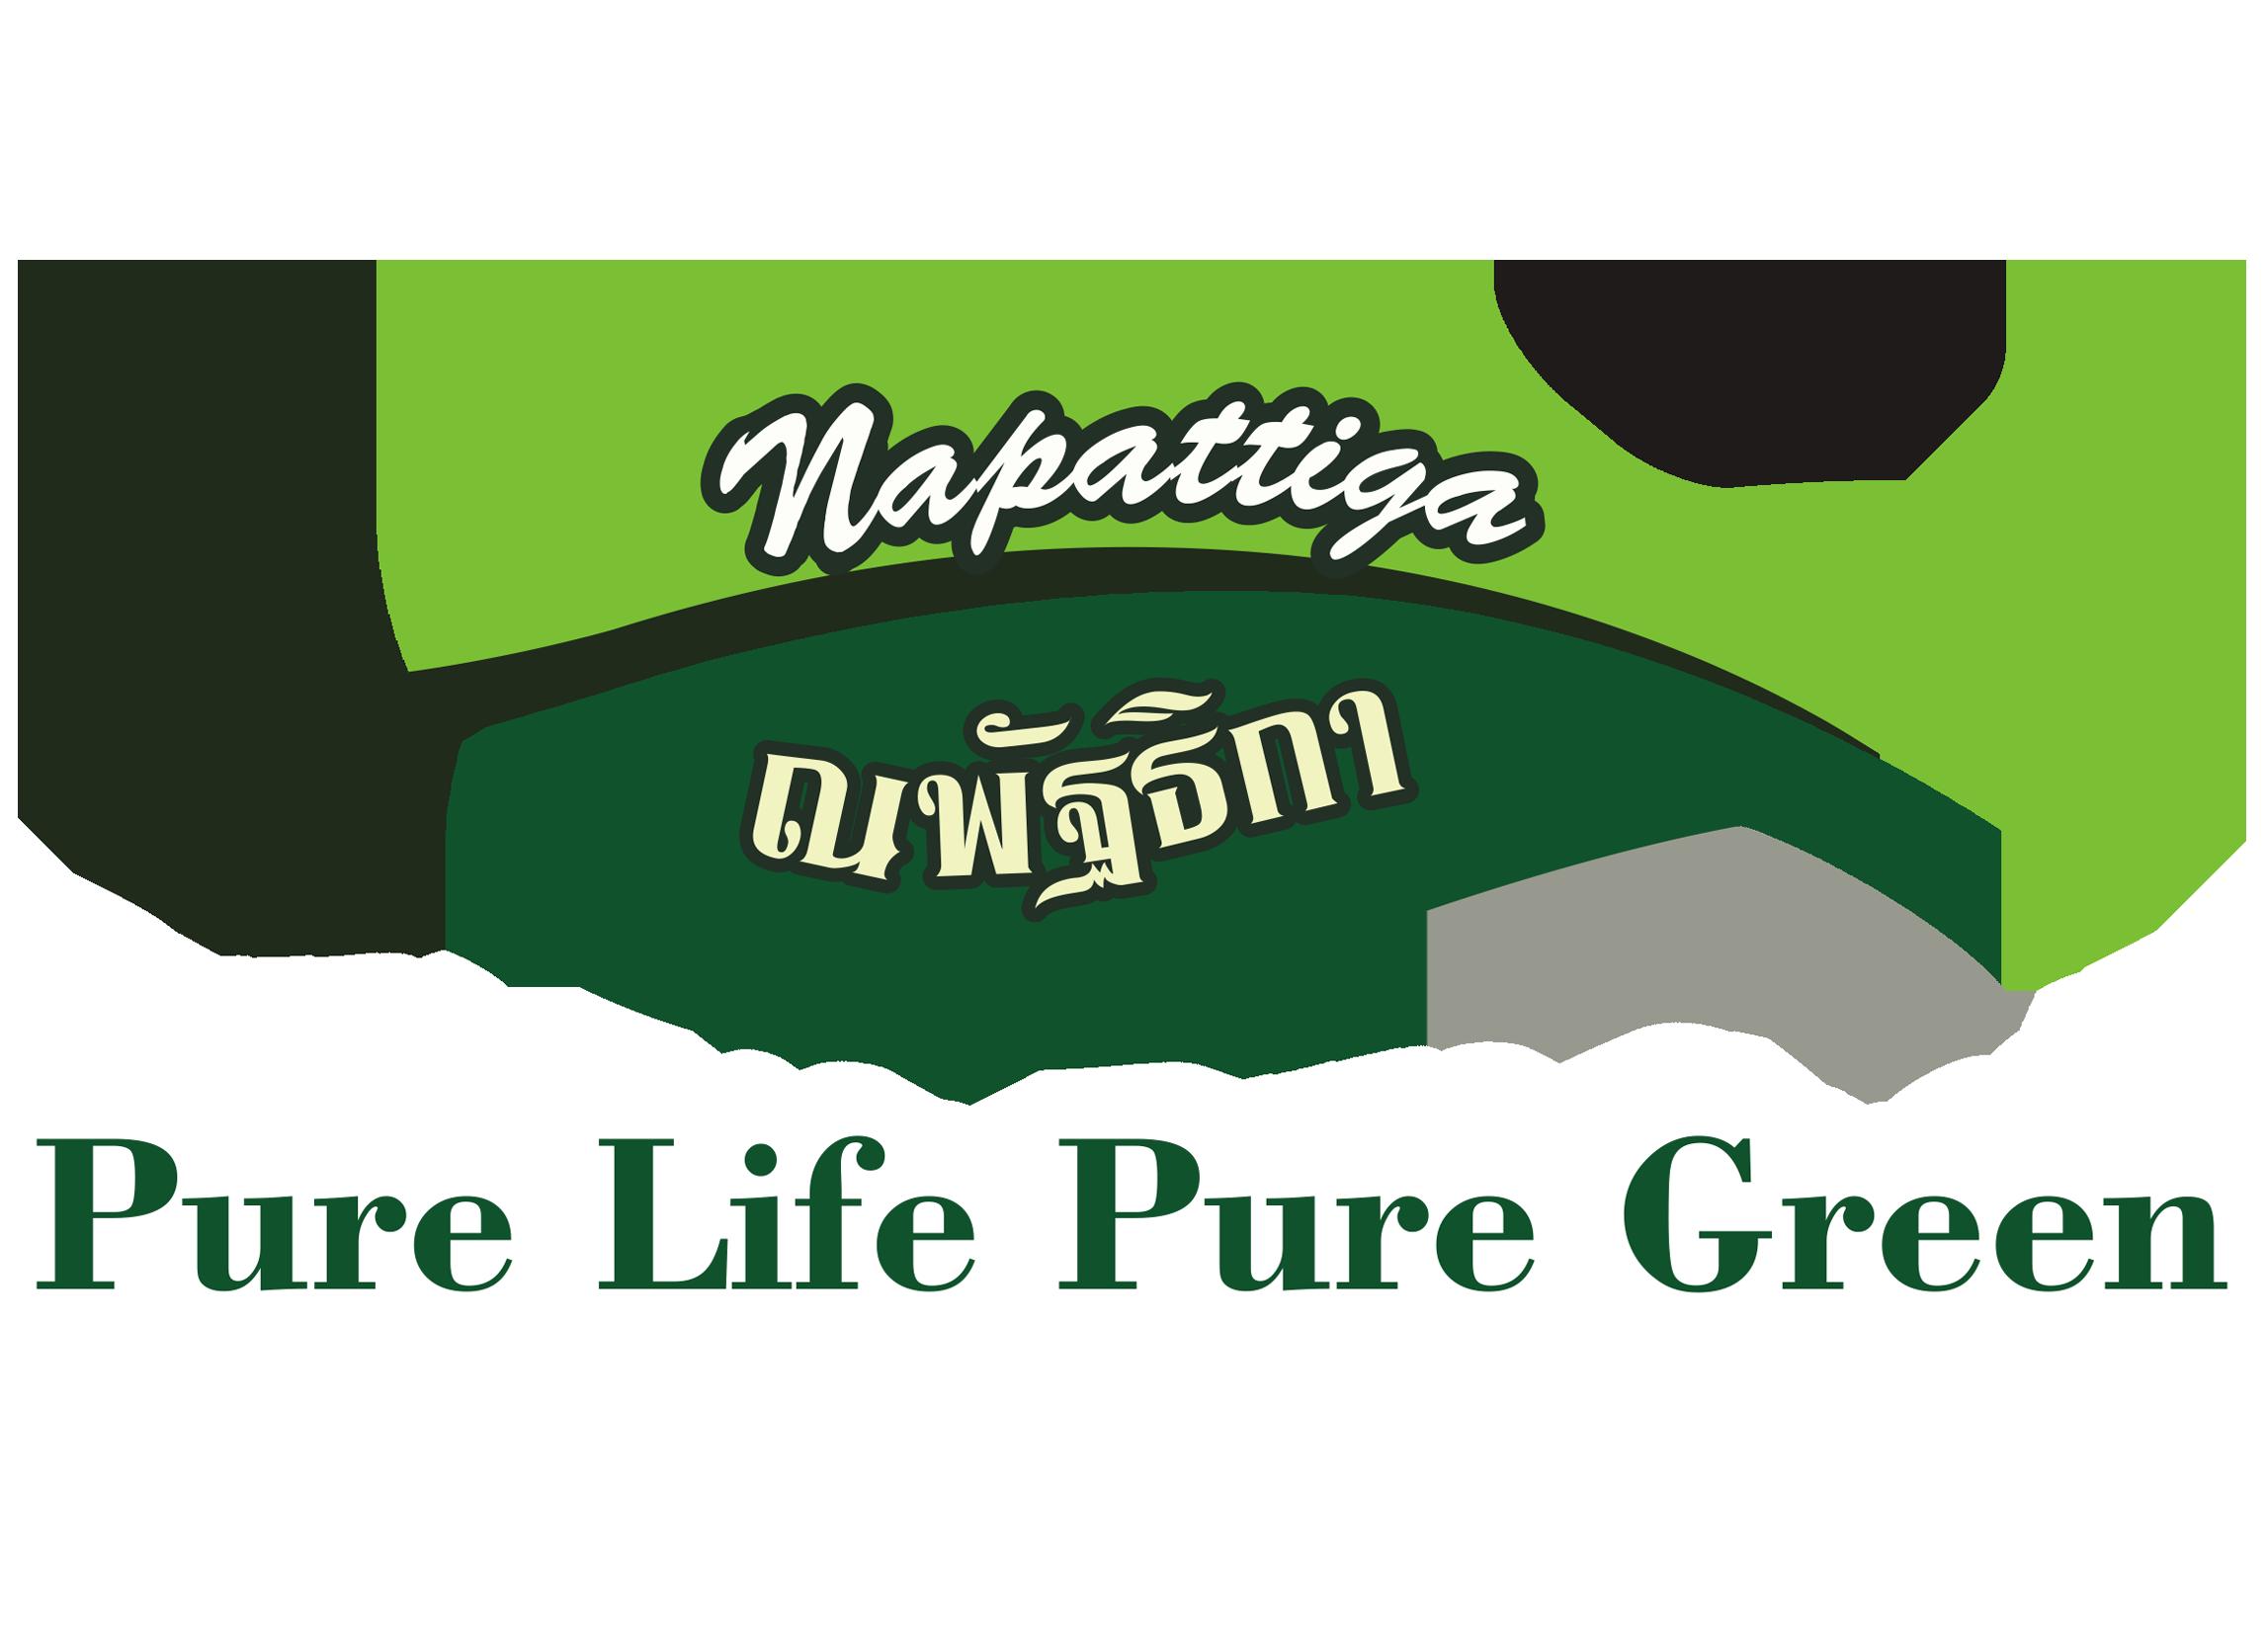 Napattiga推出创新乳胶负离子文胸 带来柔软舒适、健康的乳胶内衣概念